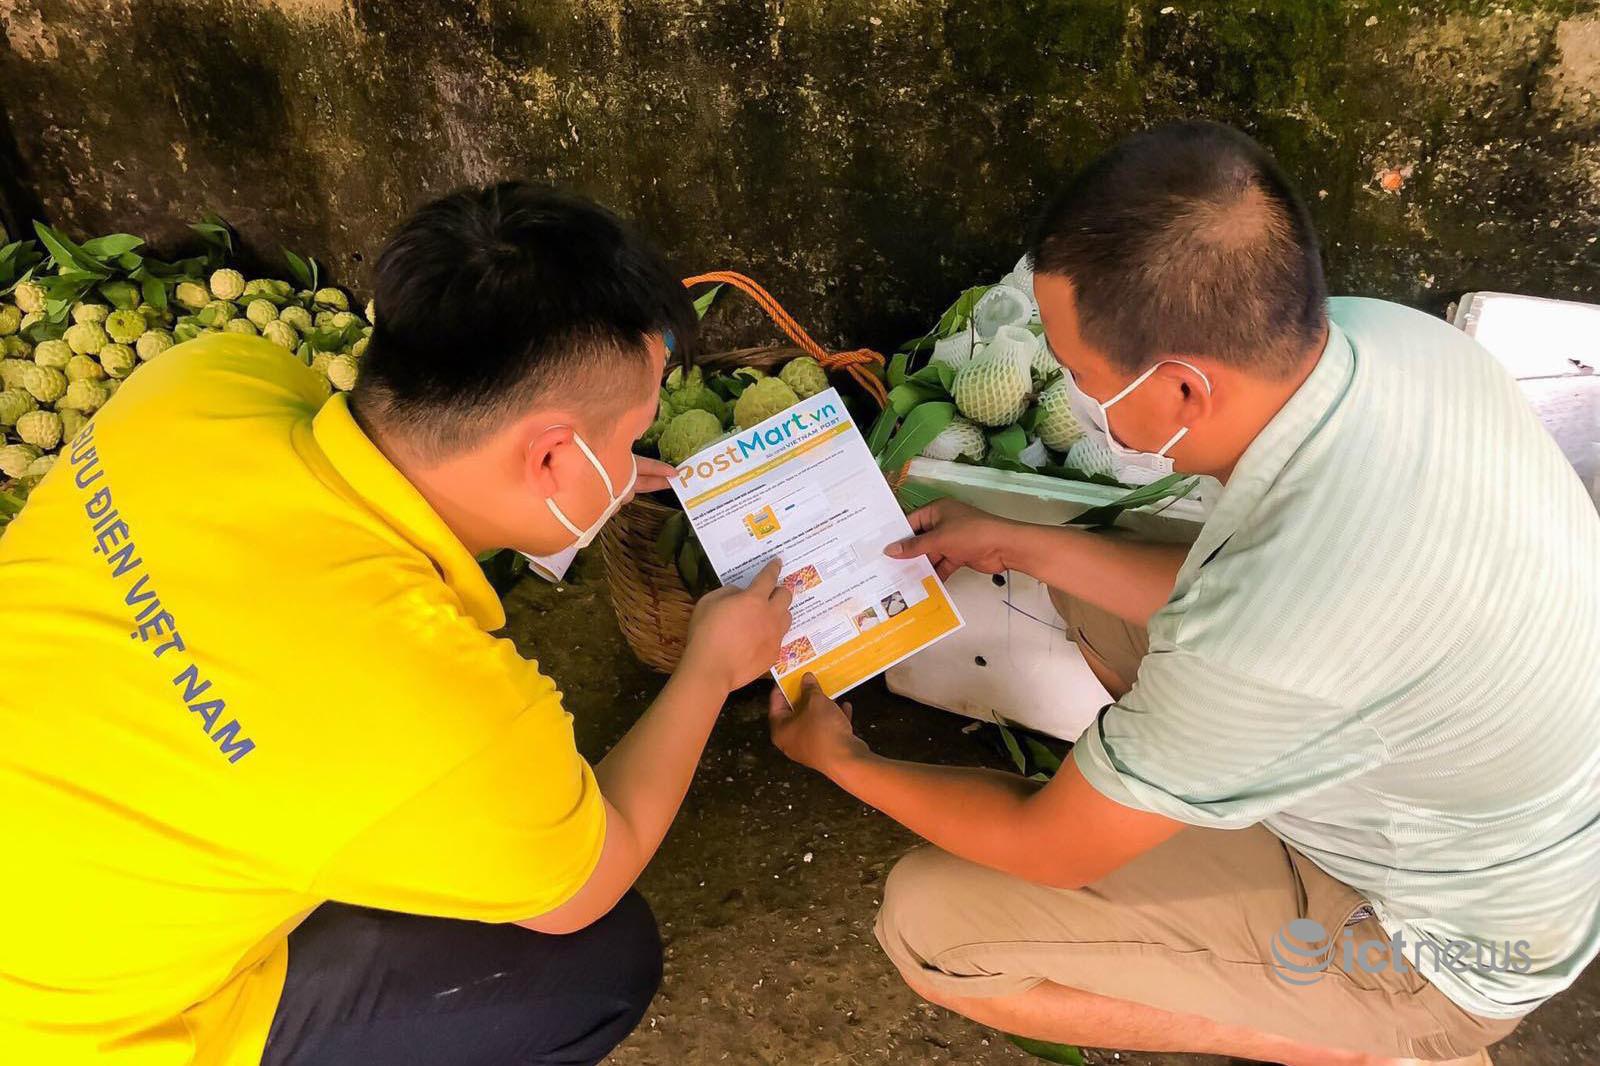 Doanh nghiệp bưu chính tăng tốc đưa nông dân lên sàn thương mại điện tử